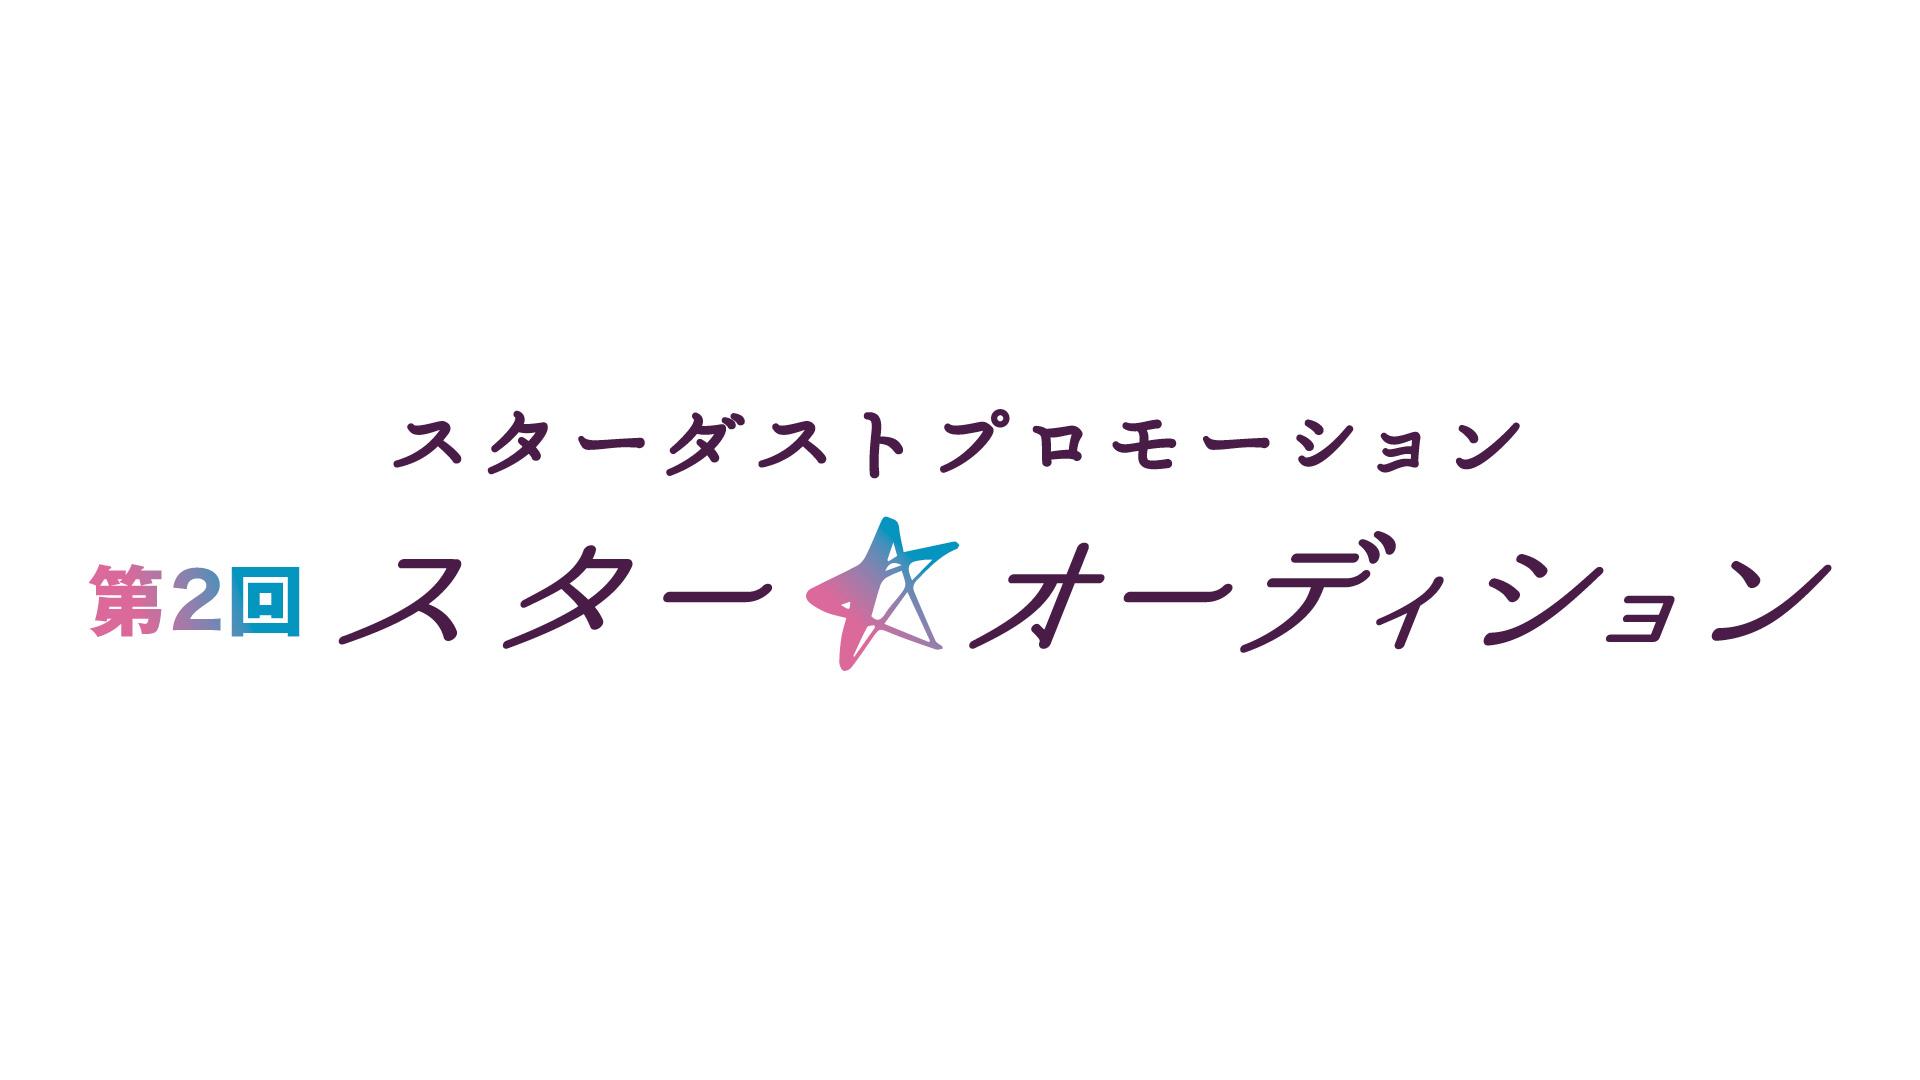 第2回「スター☆オーディション」最終選考会 9/20(月)開催中止のお知らせ